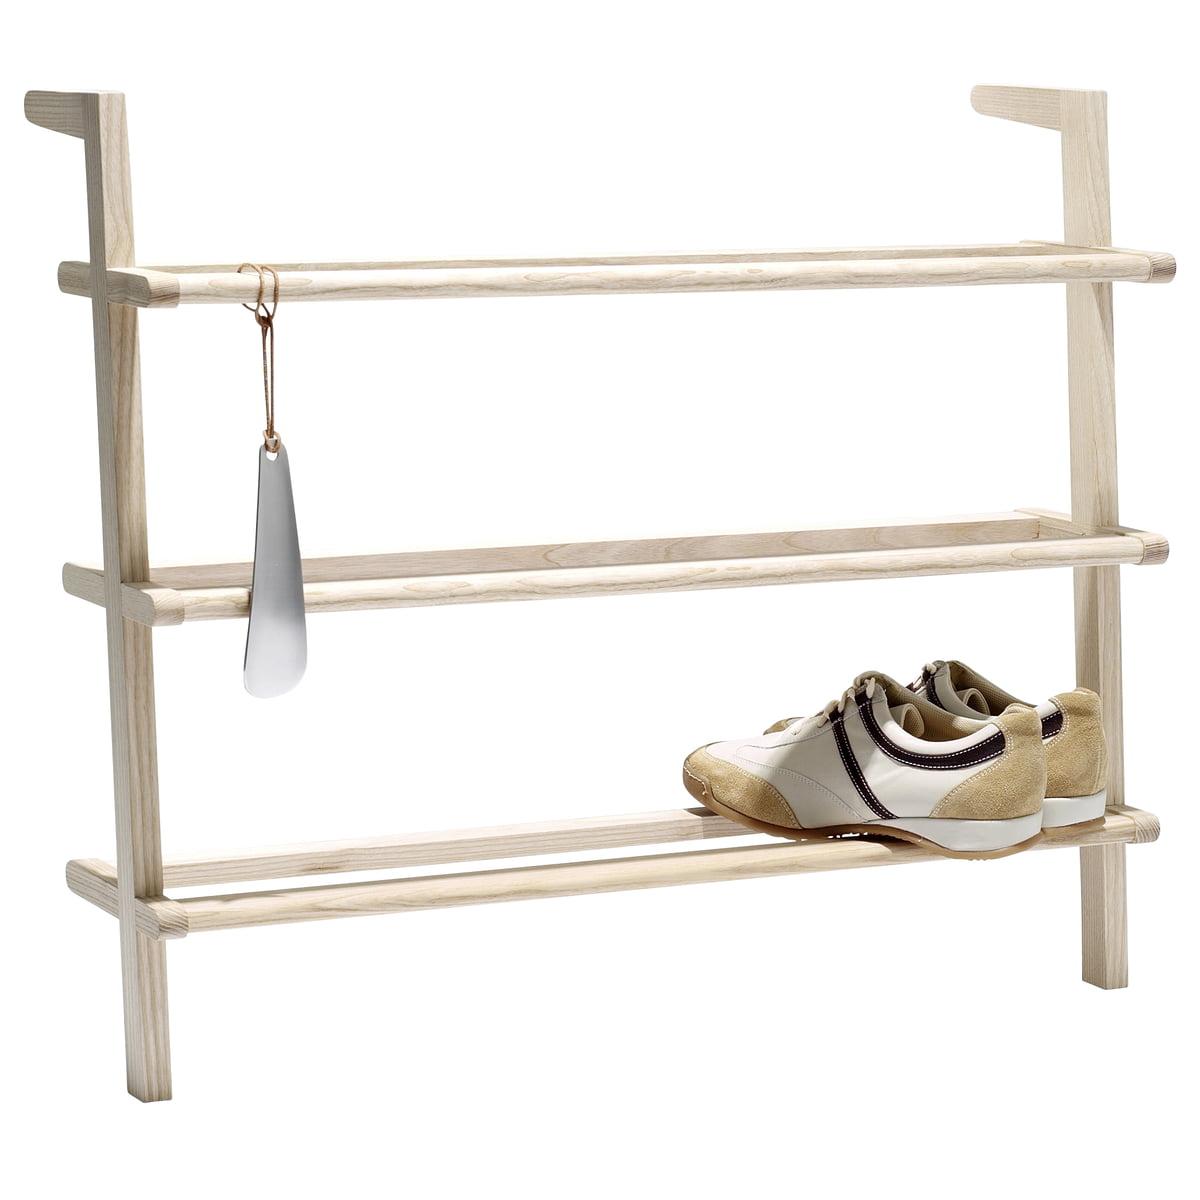 schuhregal gaston side by side shop. Black Bedroom Furniture Sets. Home Design Ideas